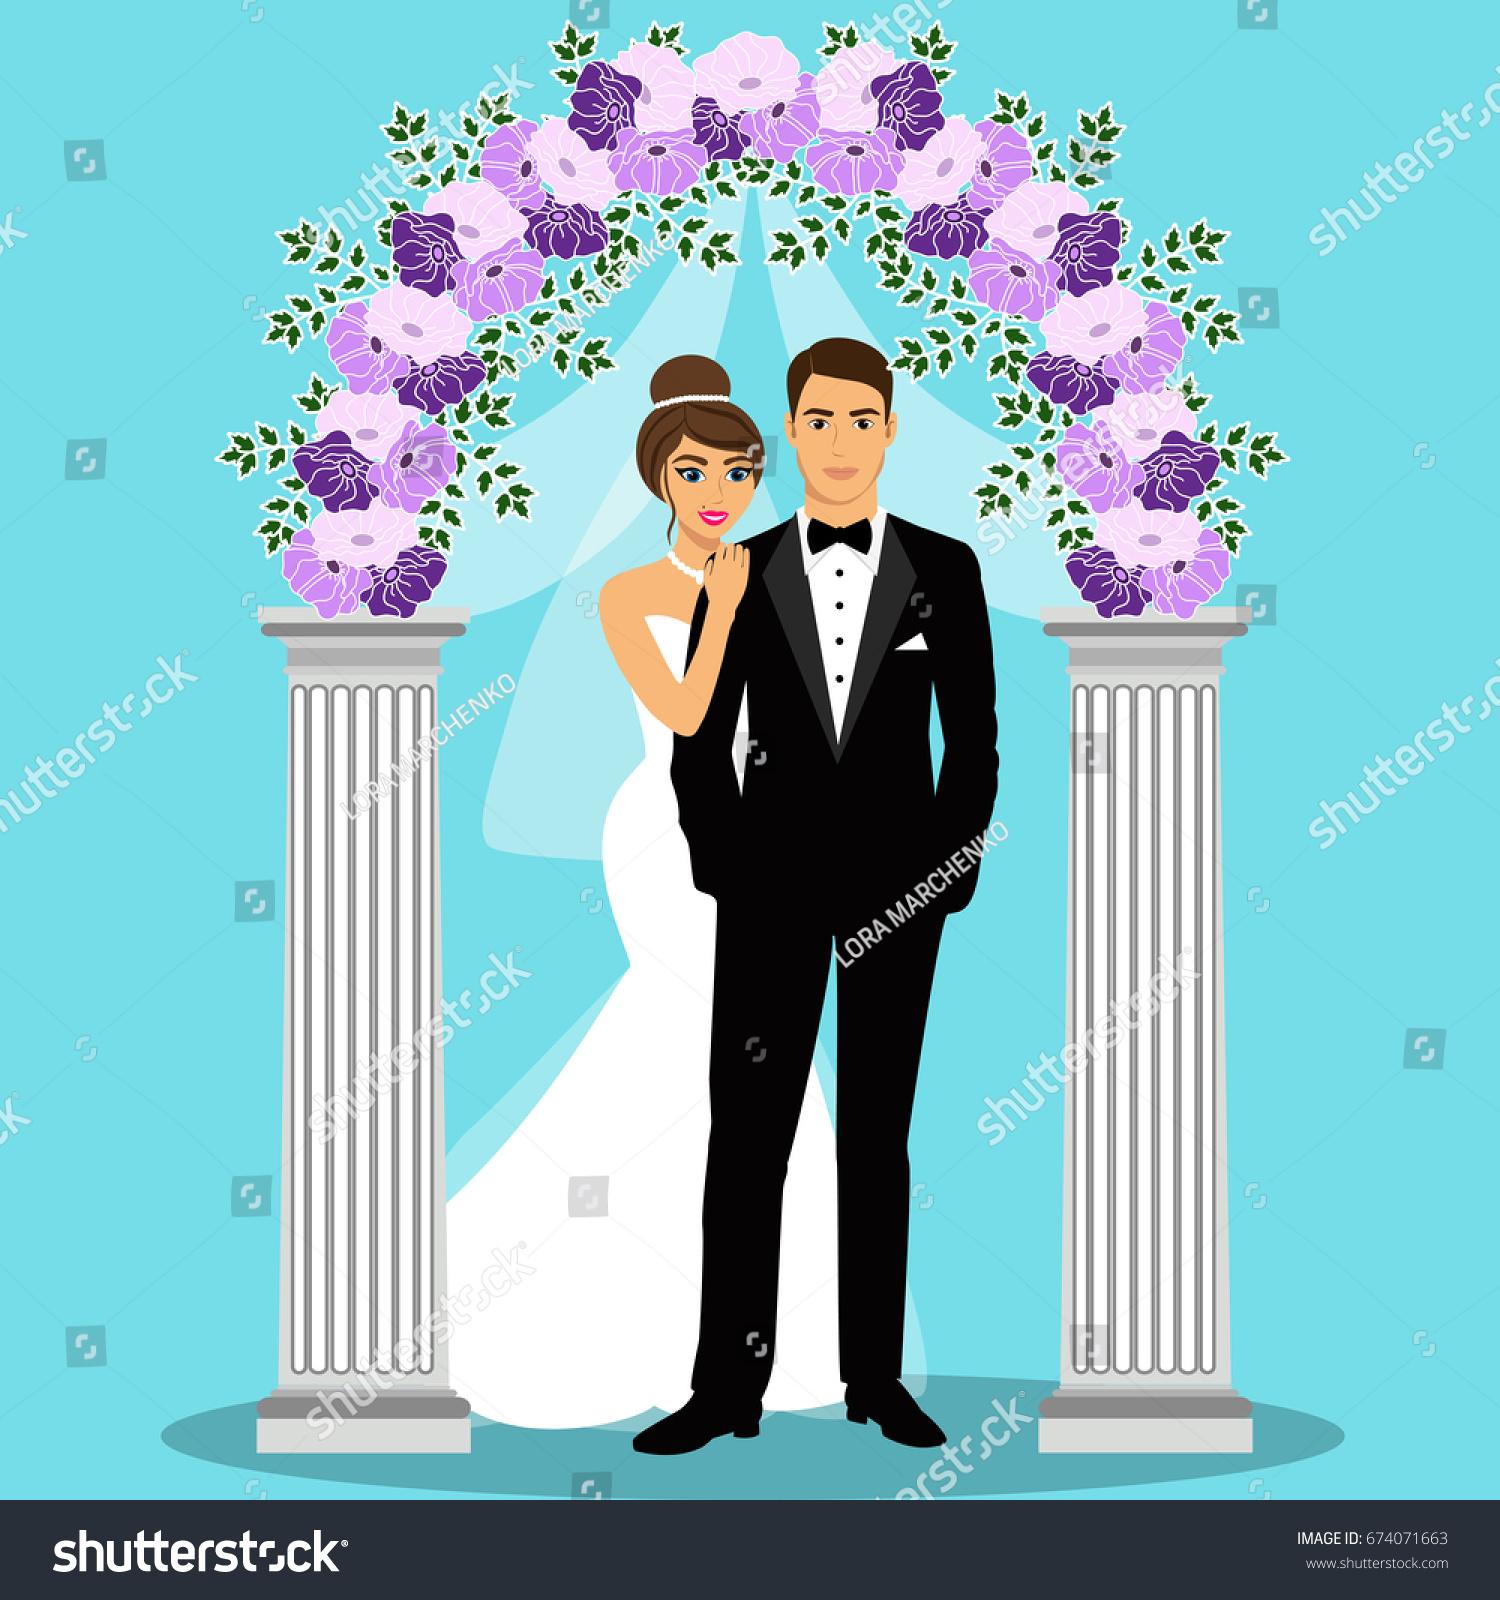 Wedding Arch Bride Groom Bride Groom Stock Vector 674071663 ...